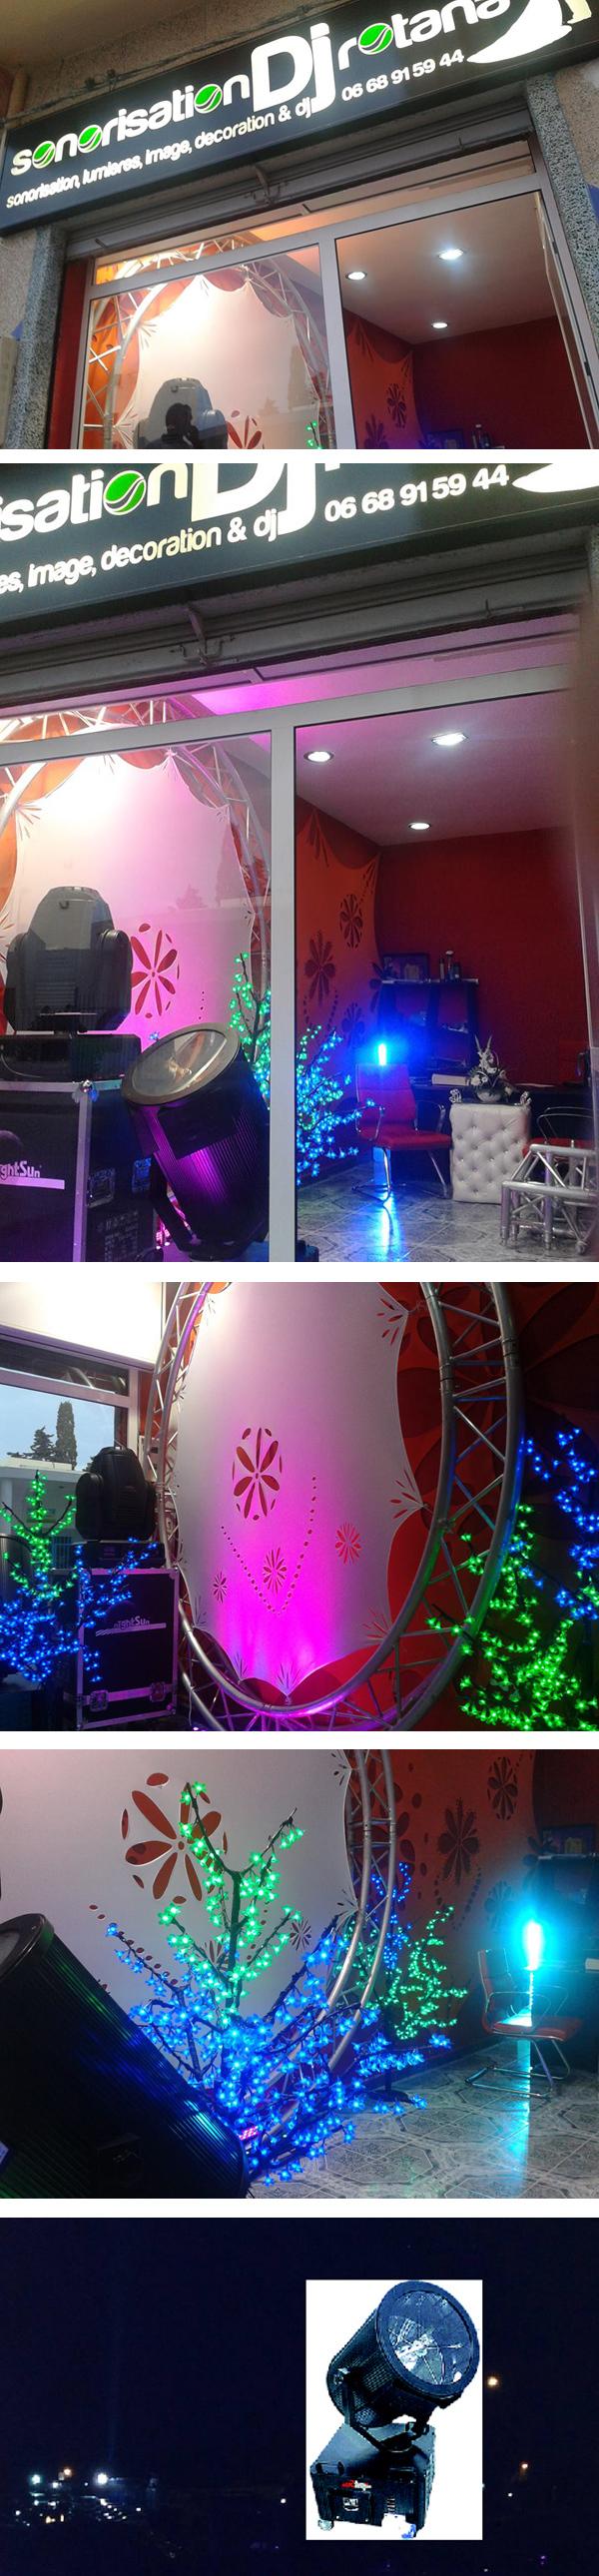 sonorisation DJ Rotana - خبرة لأزيد من 15 سنة  :    المحل الاول لتنظيم و تنشيط الحفلات و الاعراس بالجهة الشرقية